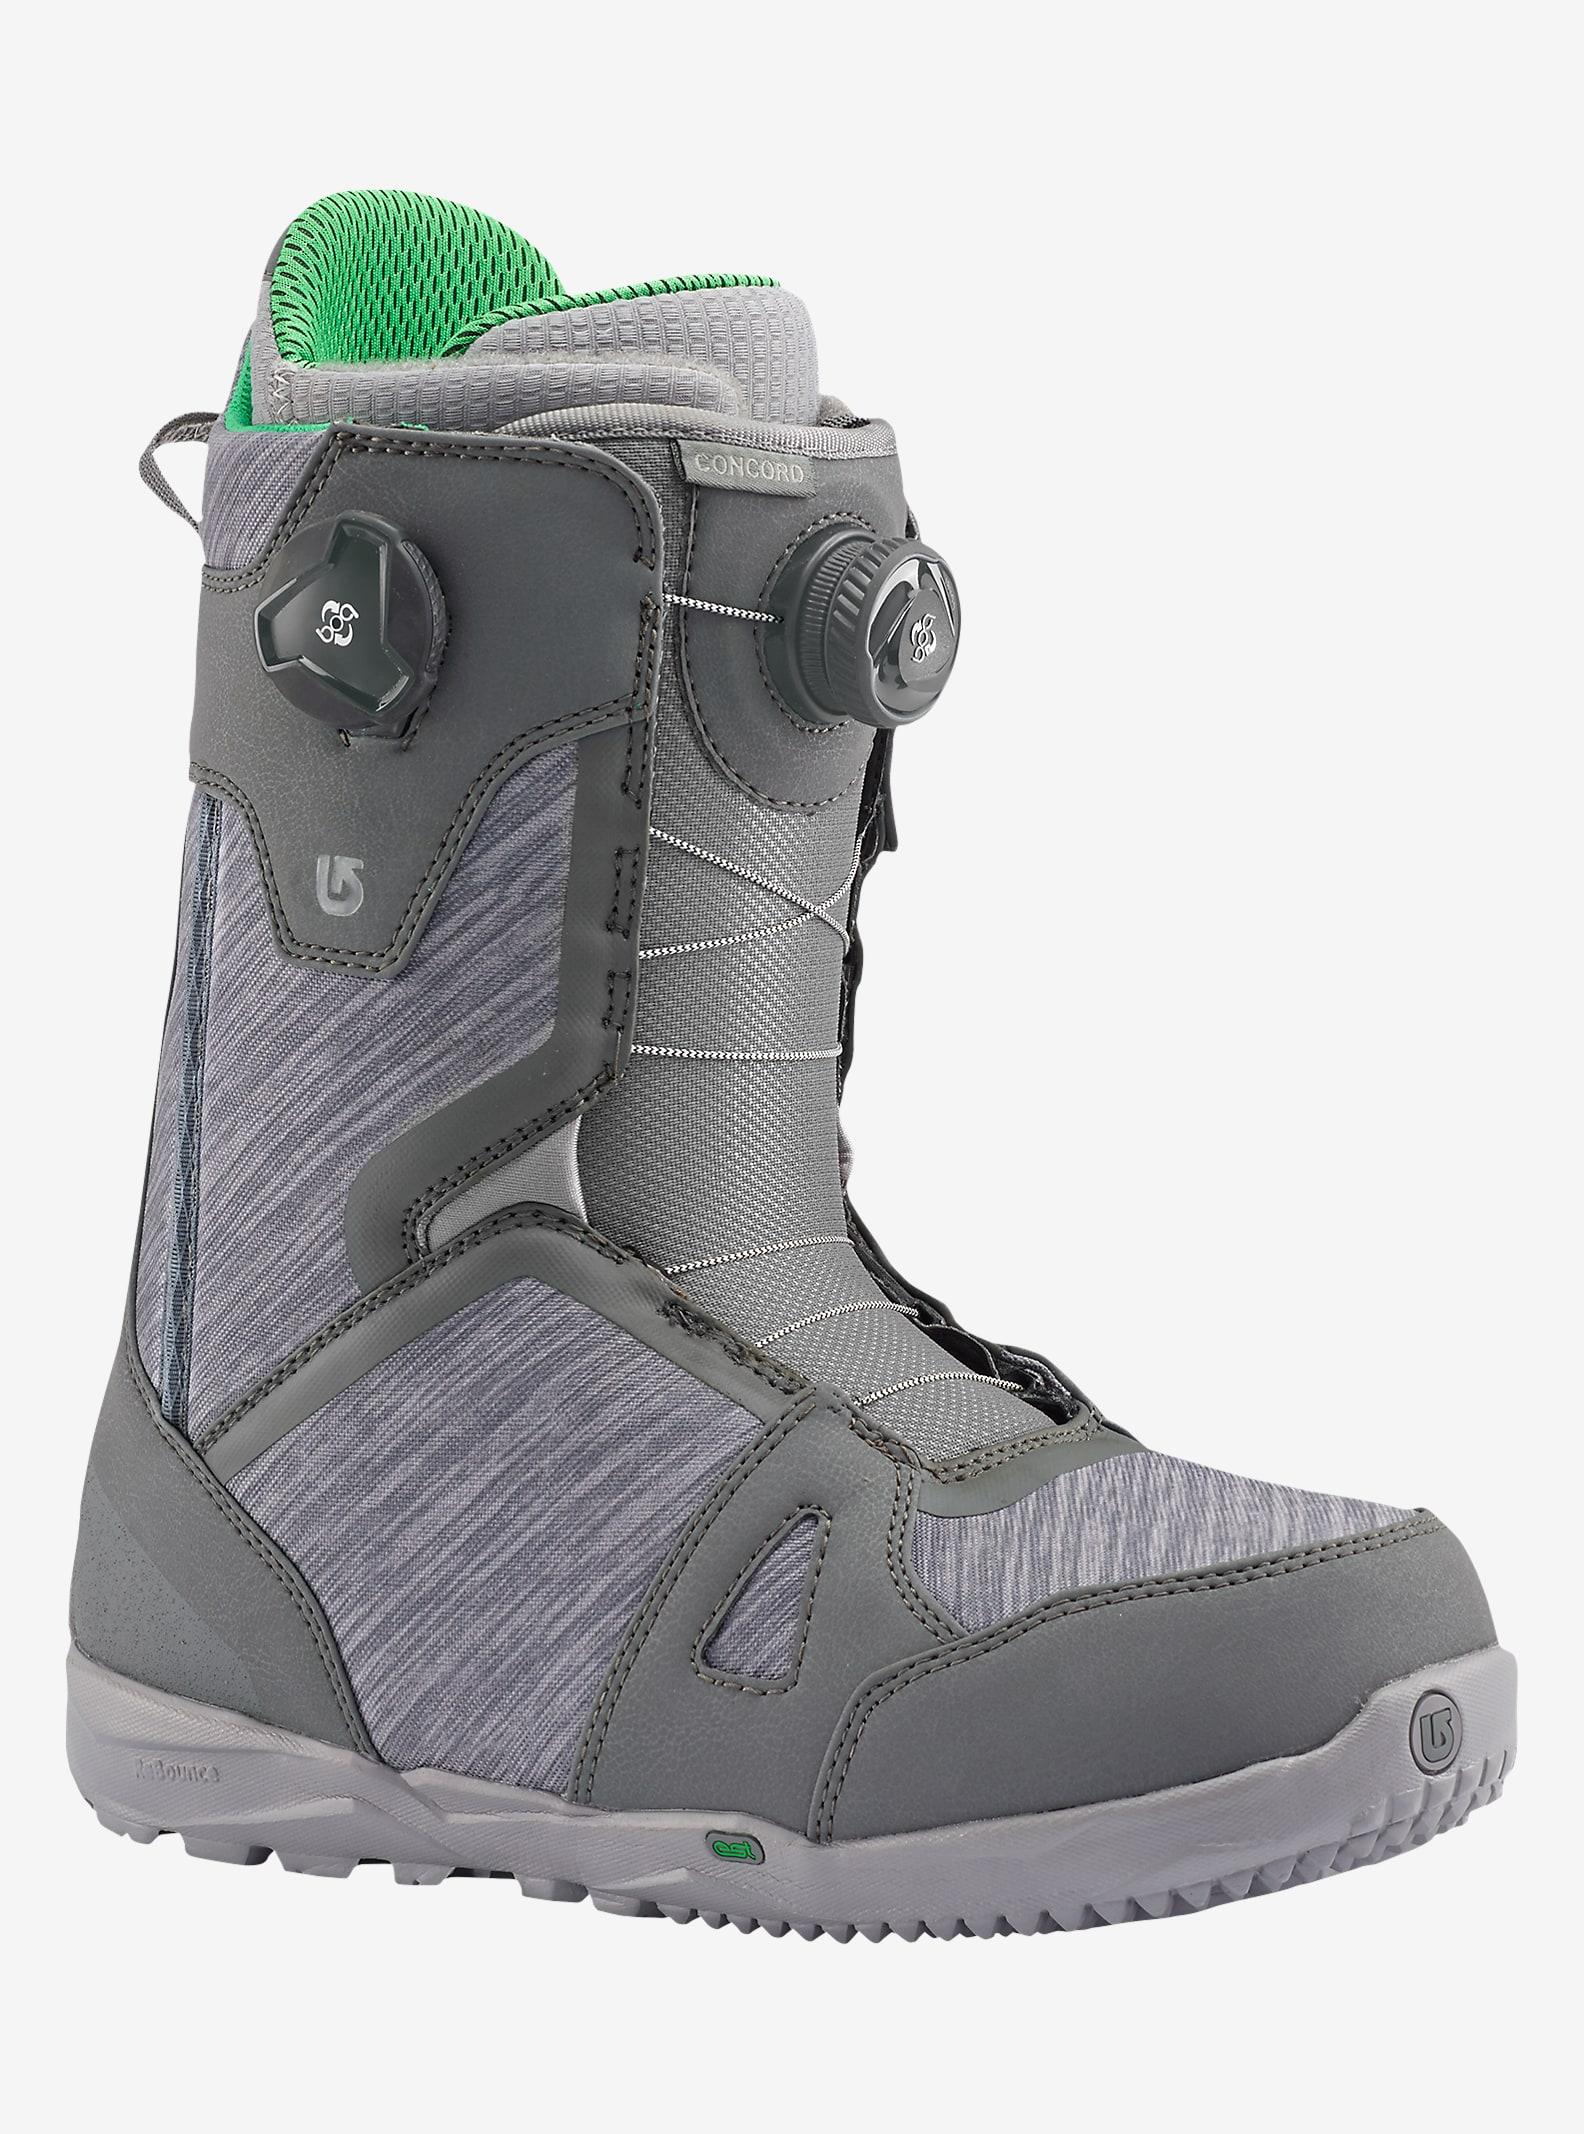 Burton Concord Boa® Snowboard Boot shown in Gray / Green